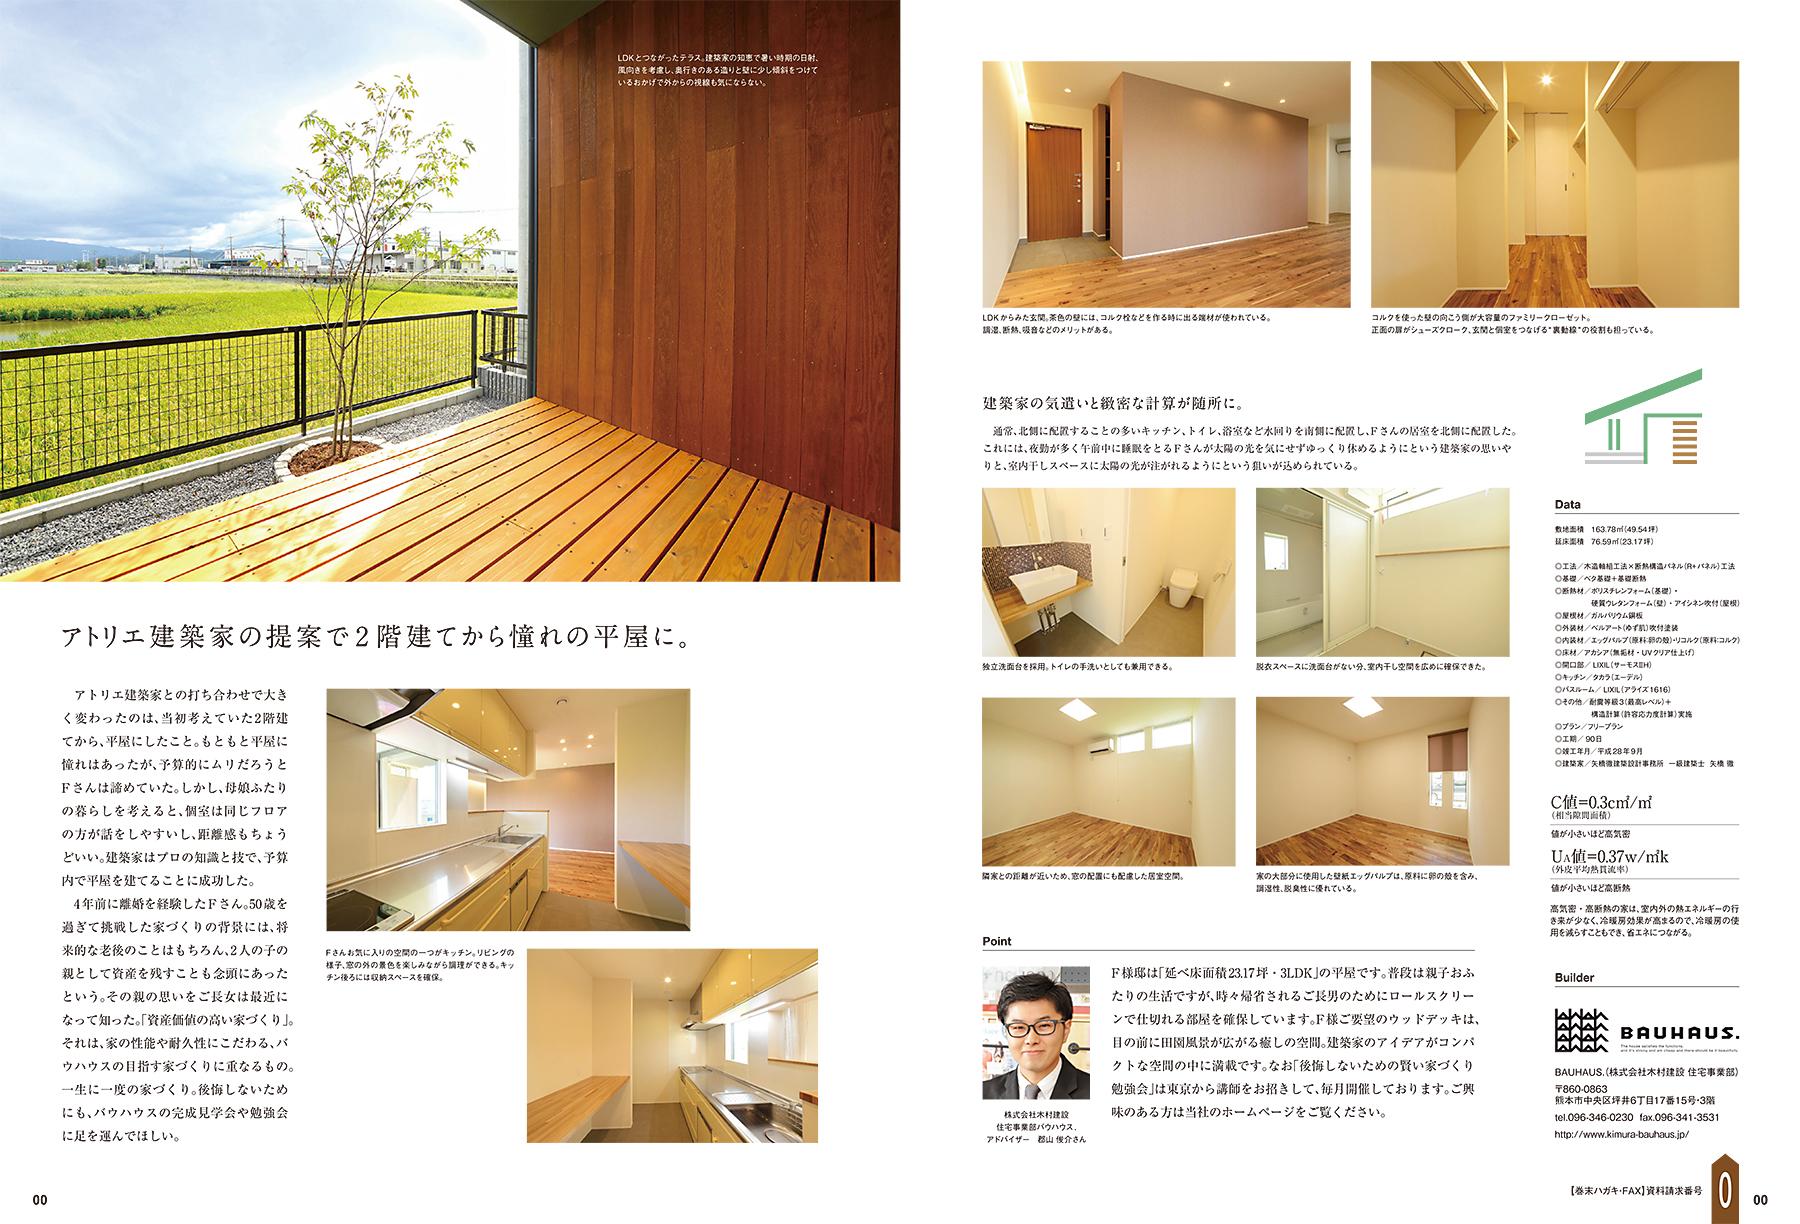 「住まいの提案、熊本。vol.13」4